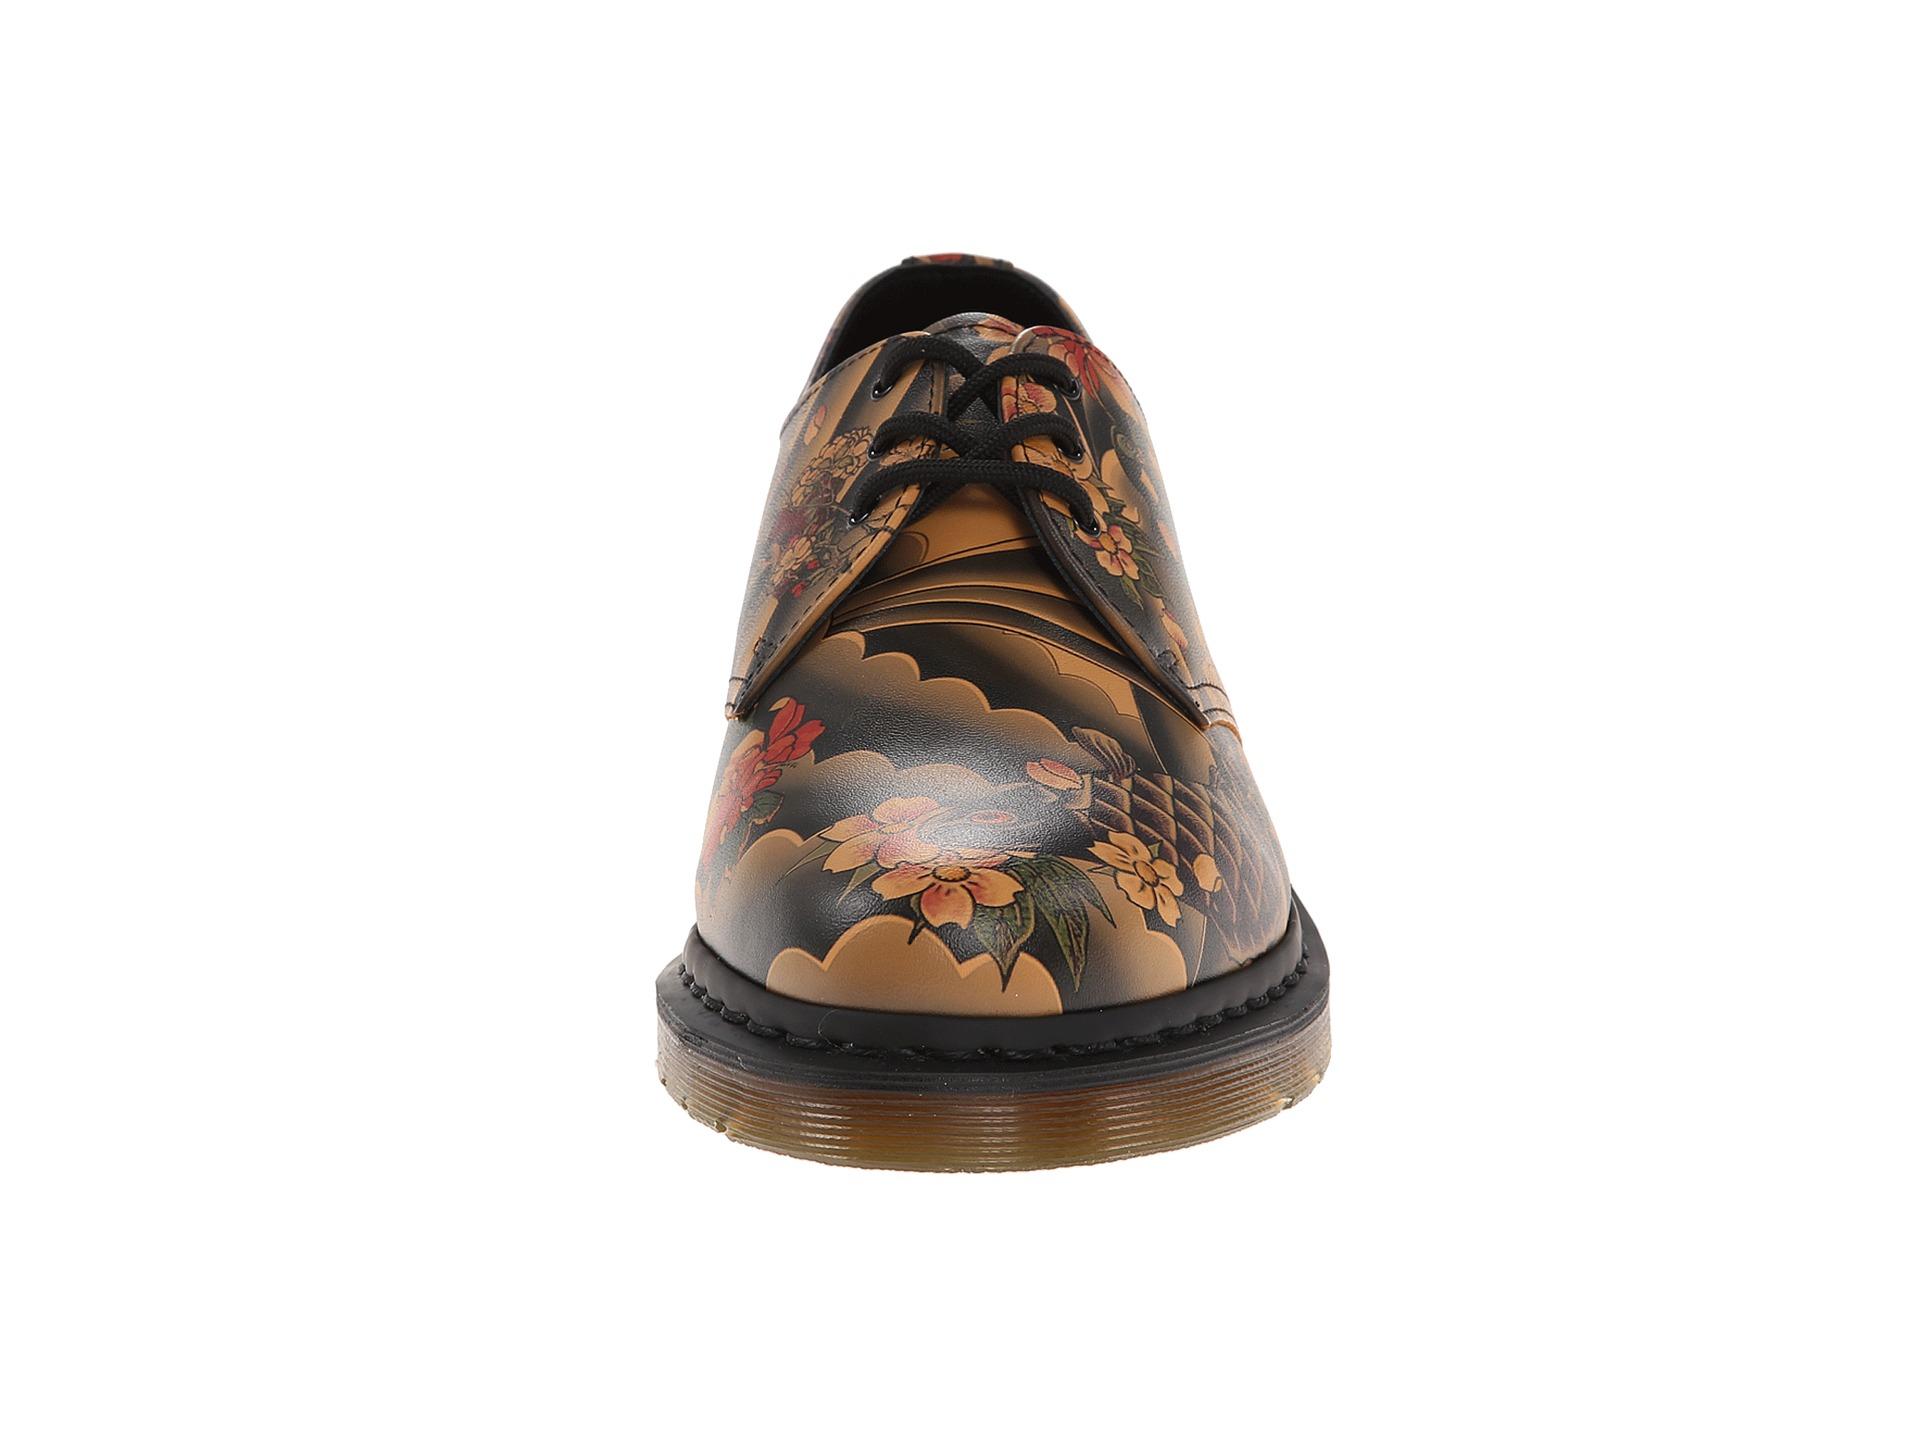 b5dba45c74 Dr. Martens 1461 3-Eye Shoe in Brown - Lyst